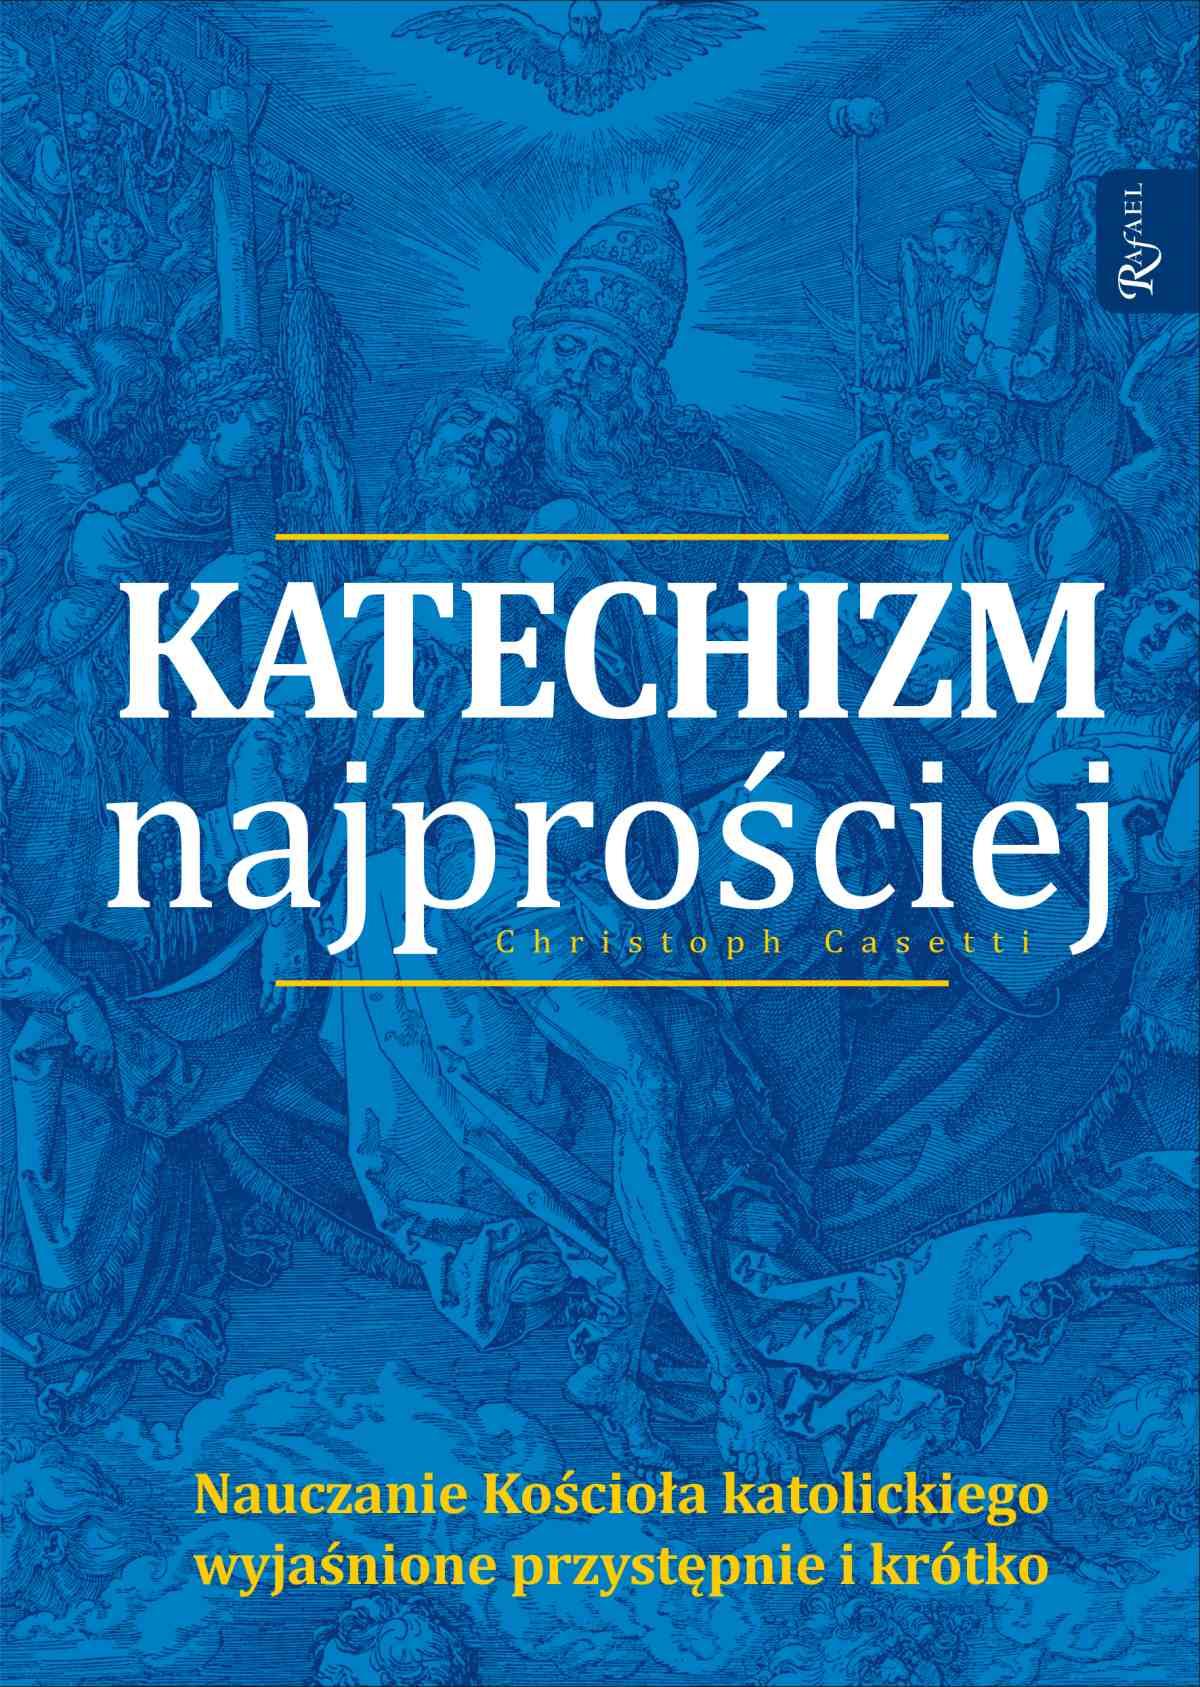 Katechizm najprościej. Nauczanie Kościoła katolickiego wyjasnione przystępnie i krótko - Ebook (Książka na Kindle) do pobrania w formacie MOBI